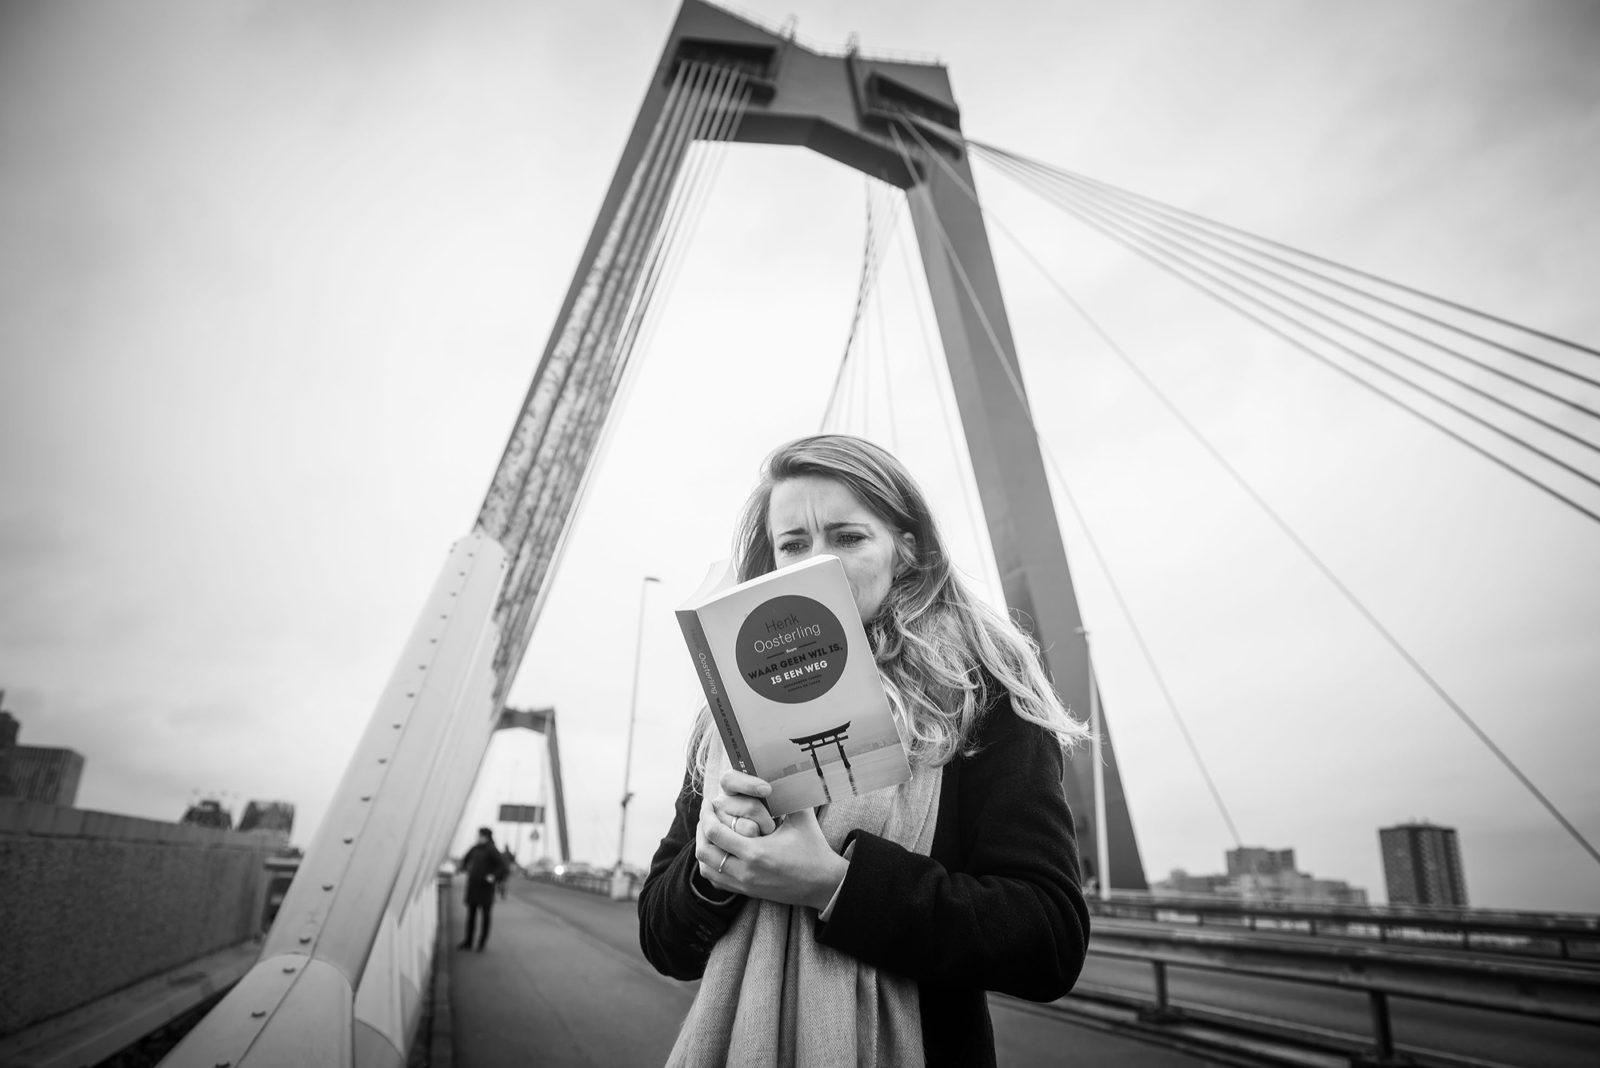 ronald-van-den-heerik-science-meets-city-6-willemsbrug